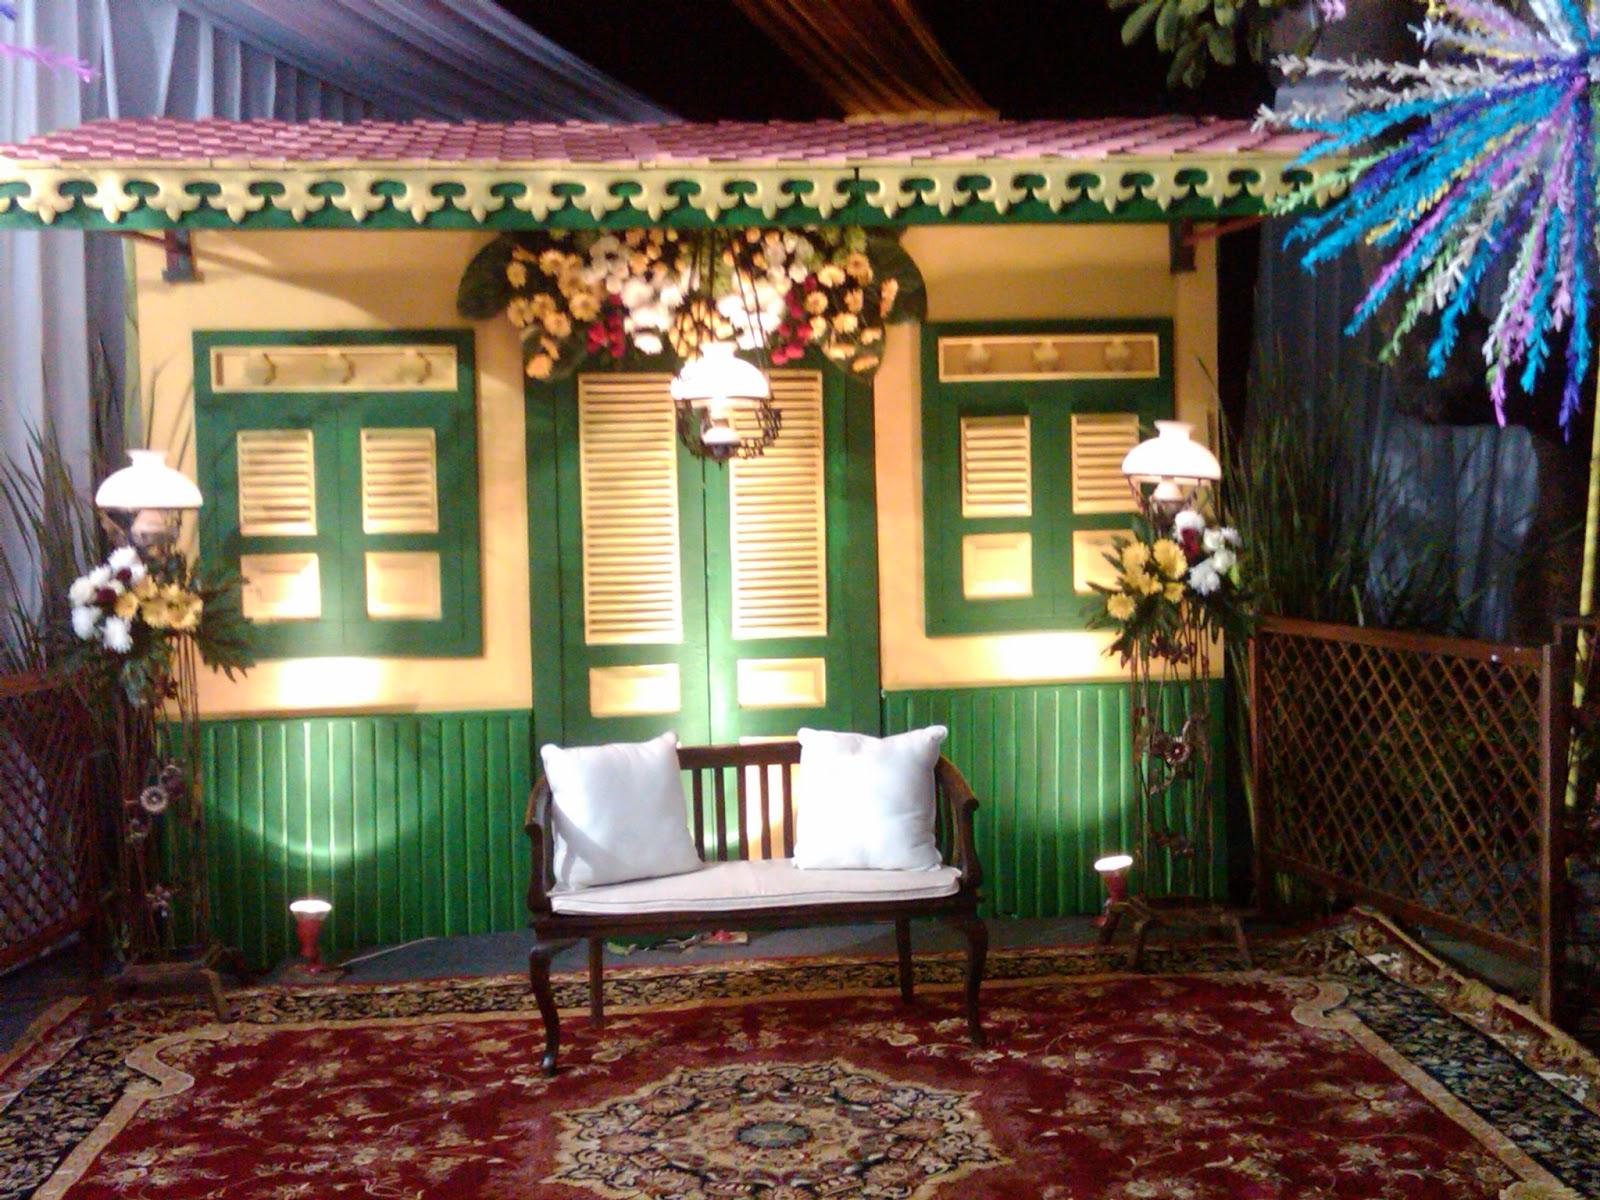 Sewa Dekorasi Betawi Hub 085211711318 Sewa Paket Property